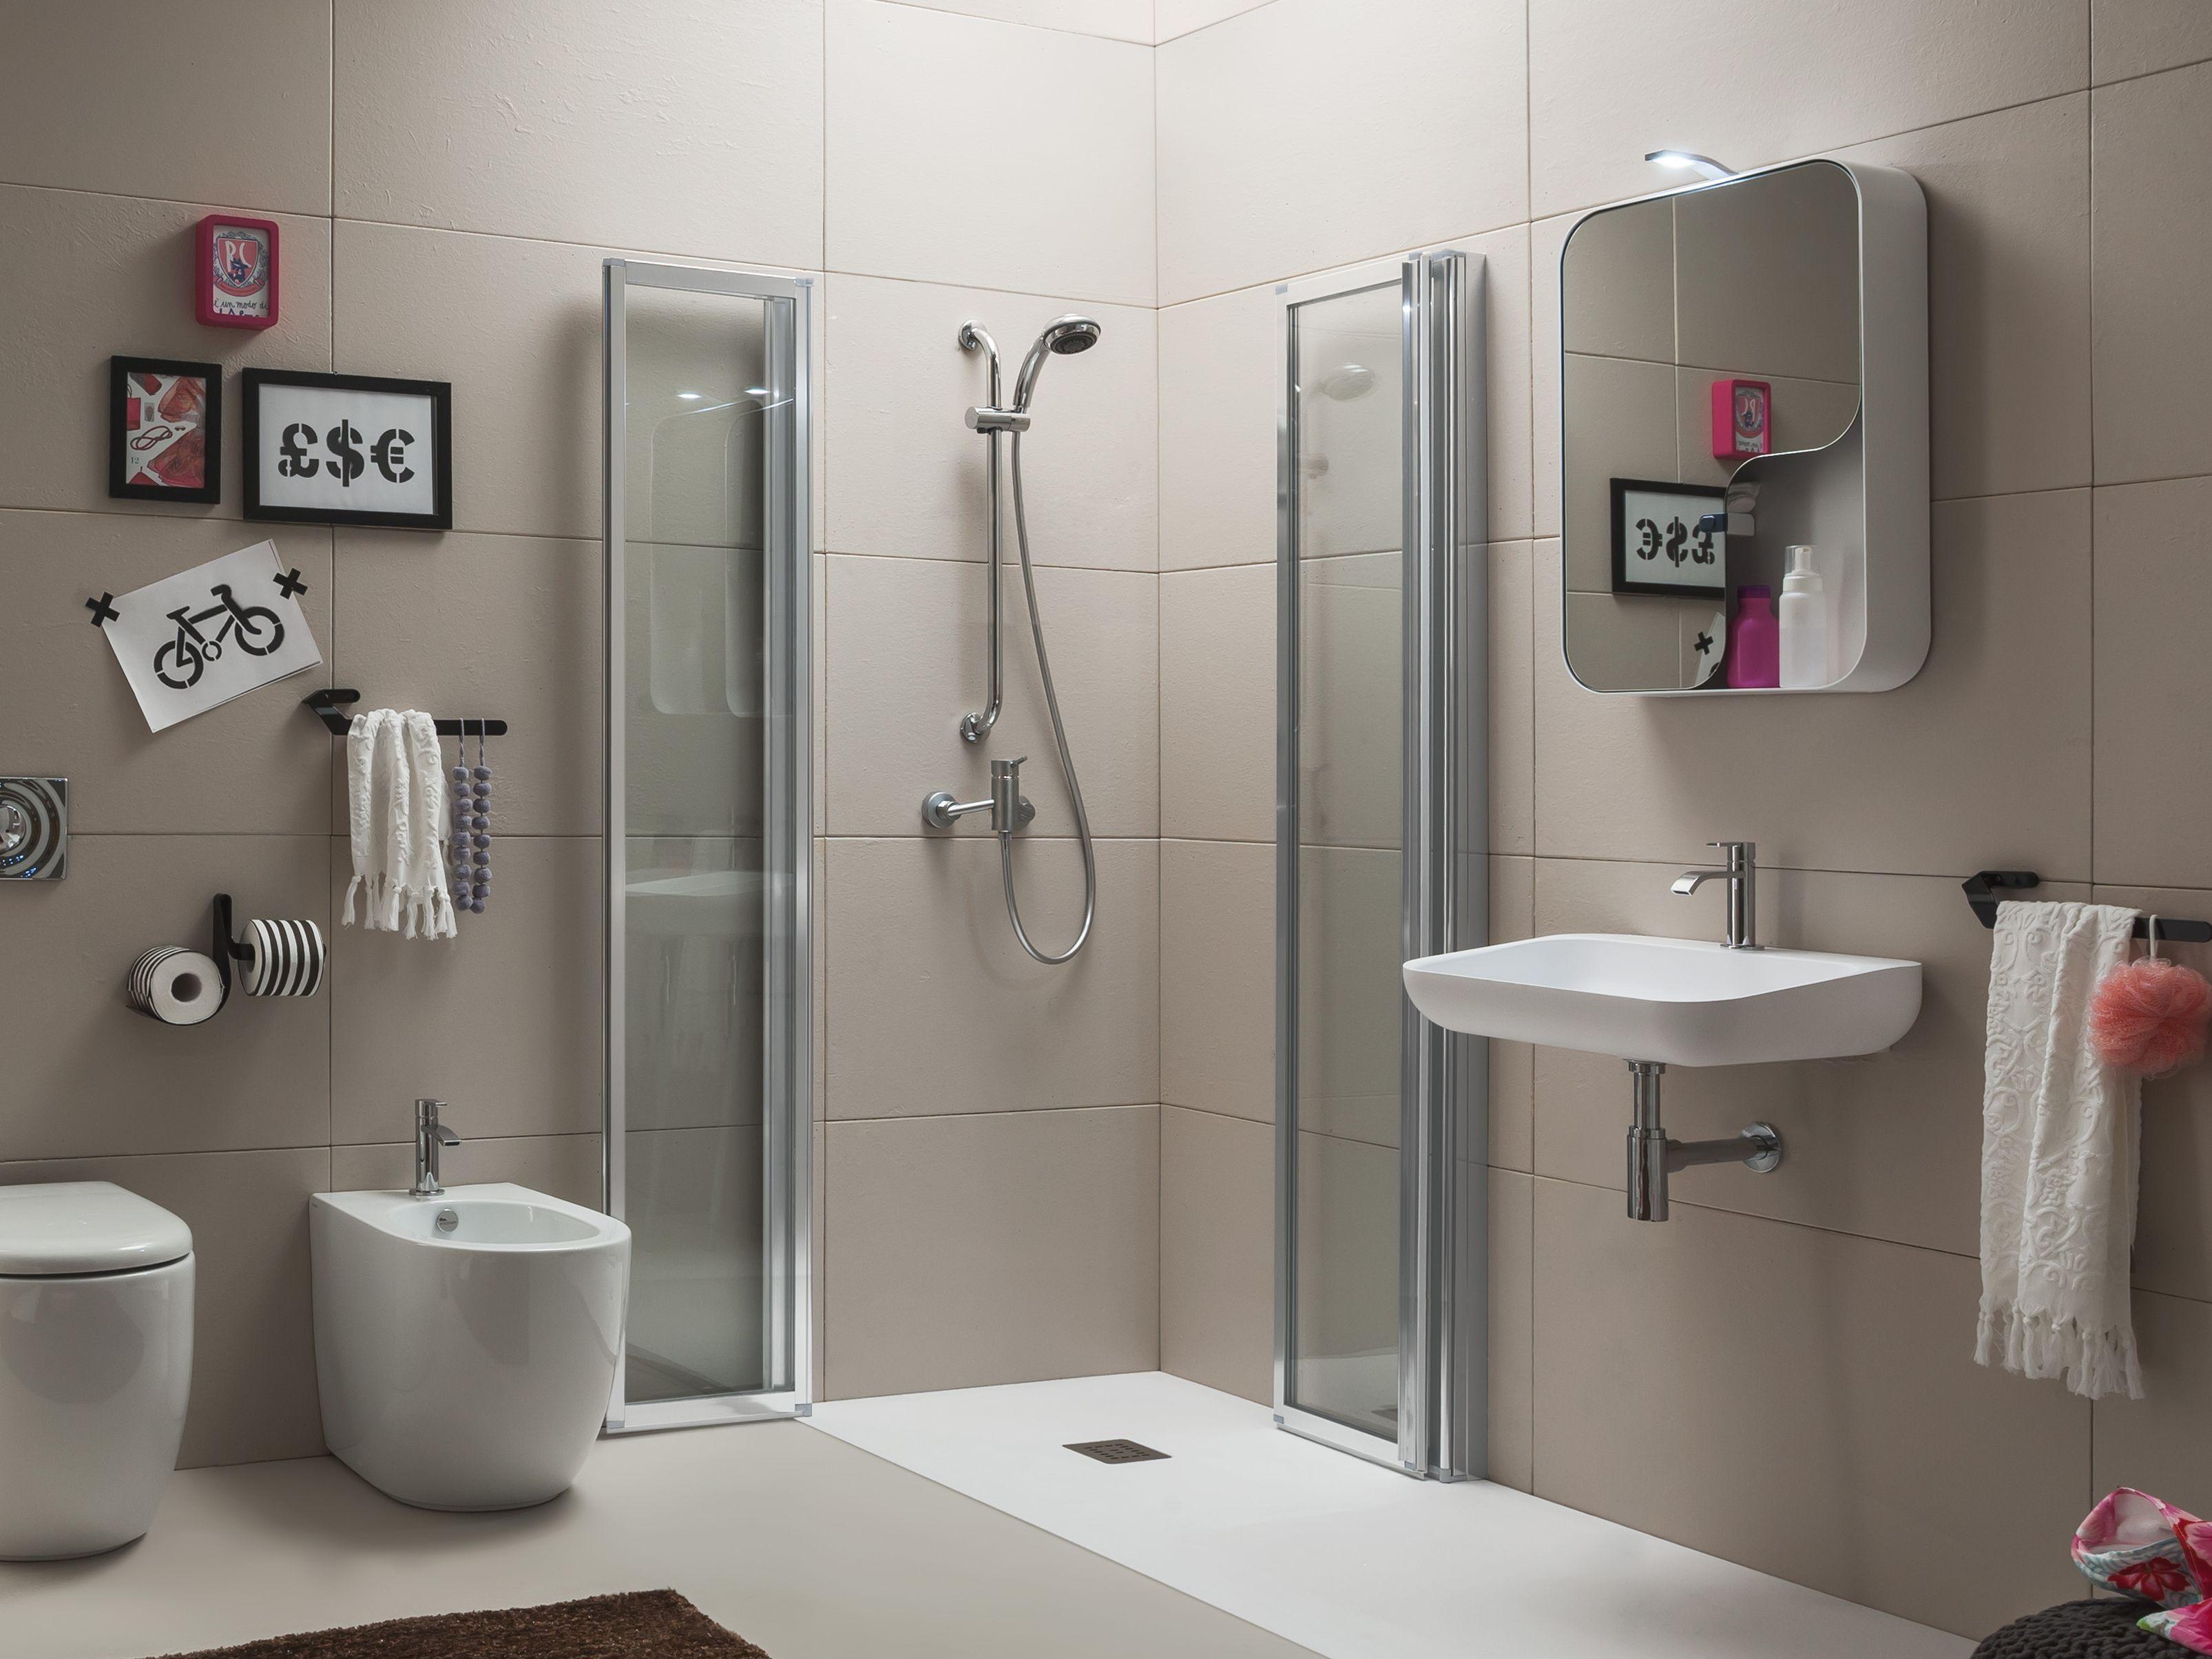 Porta Badezimmer ~ Cabine de duche de canto com porta sanfonada coleção time by arblu